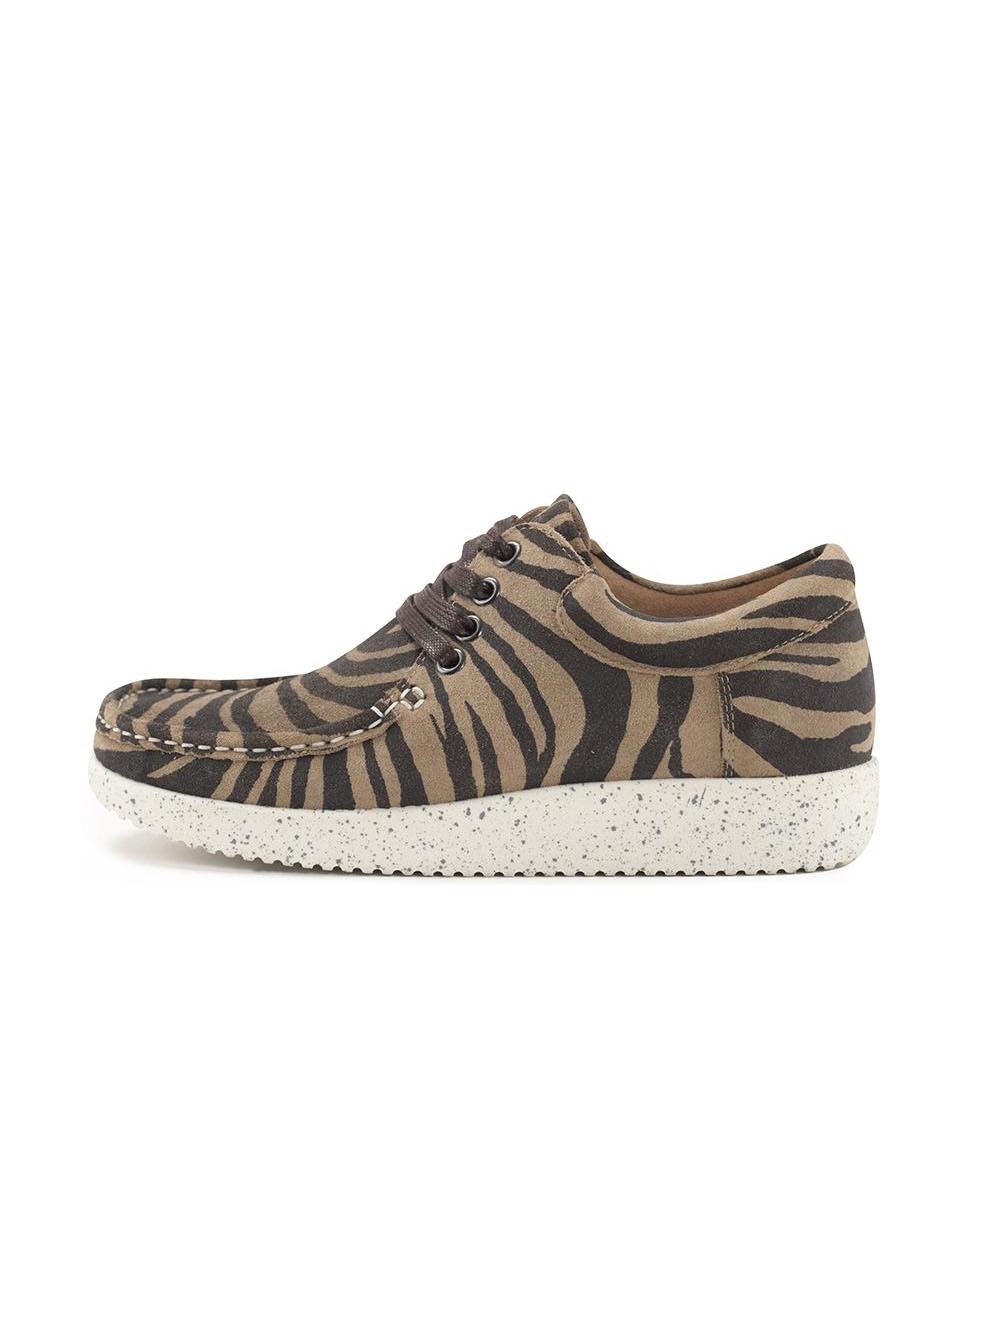 316aa2edb95 Anna Suede | Nature sko - Zebra - MAAK-shop